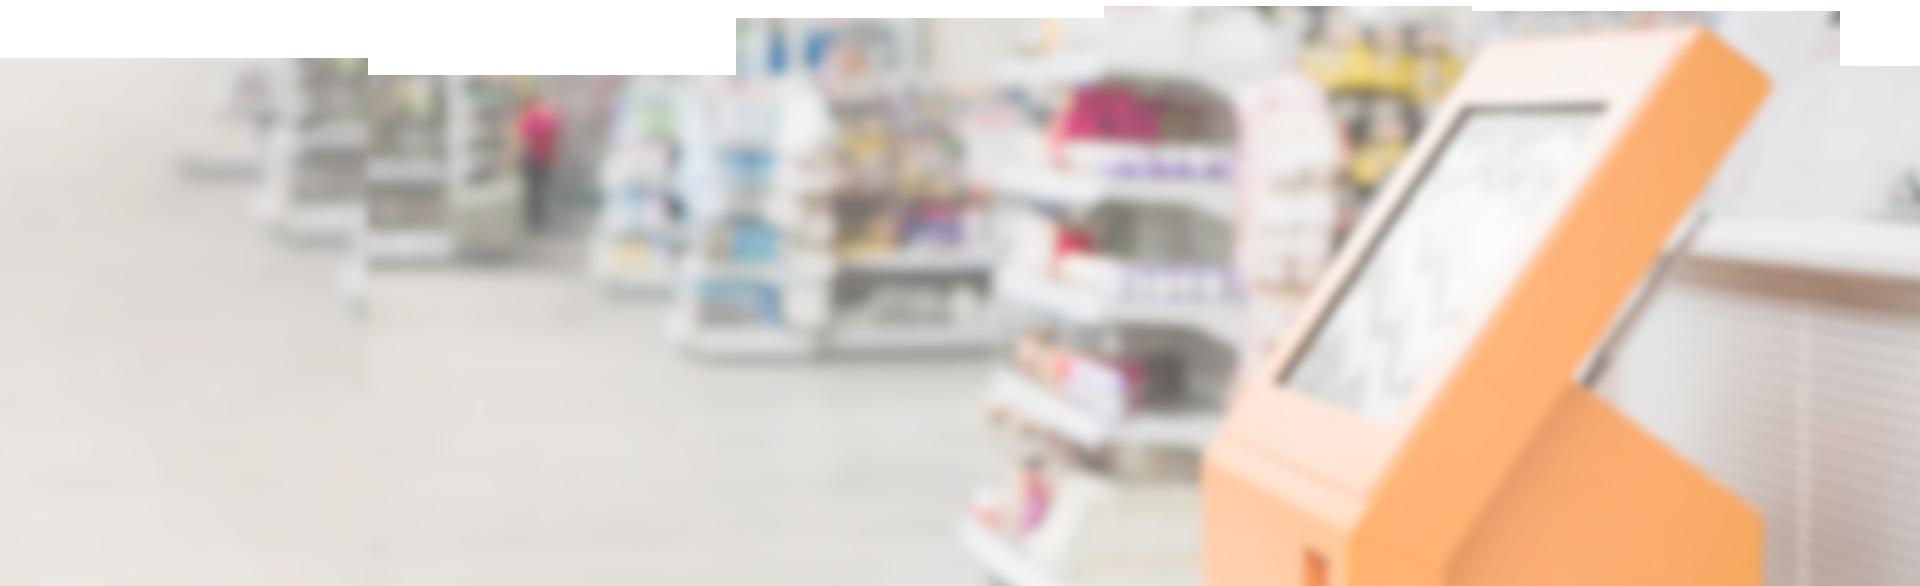 custom-kiosk-solution-bg